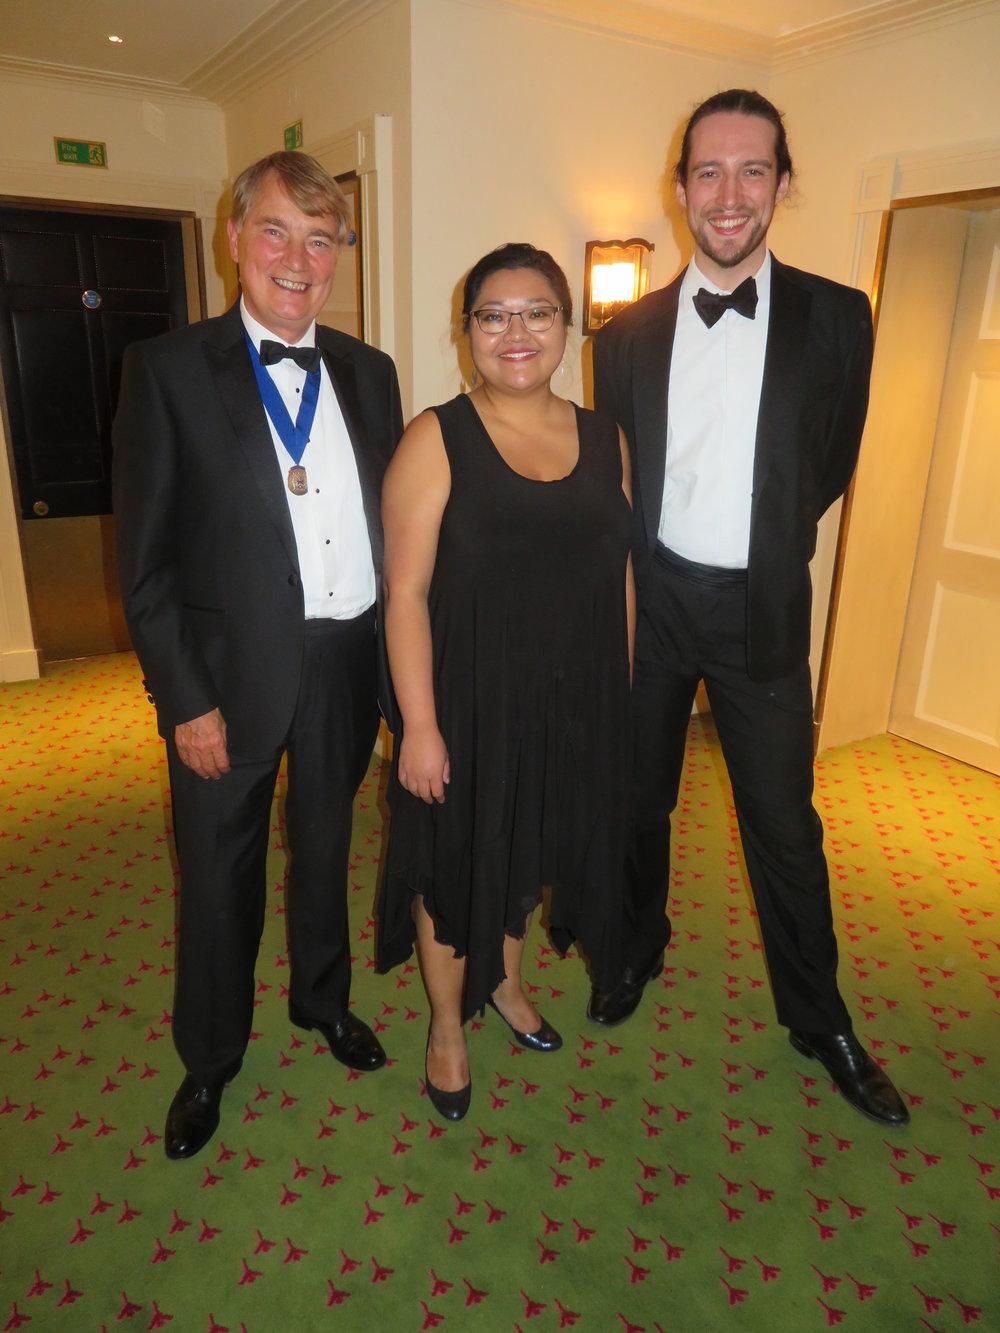 Assistant Roger Carter, Pianist Michelle Santiago & Tenor Jack Holton